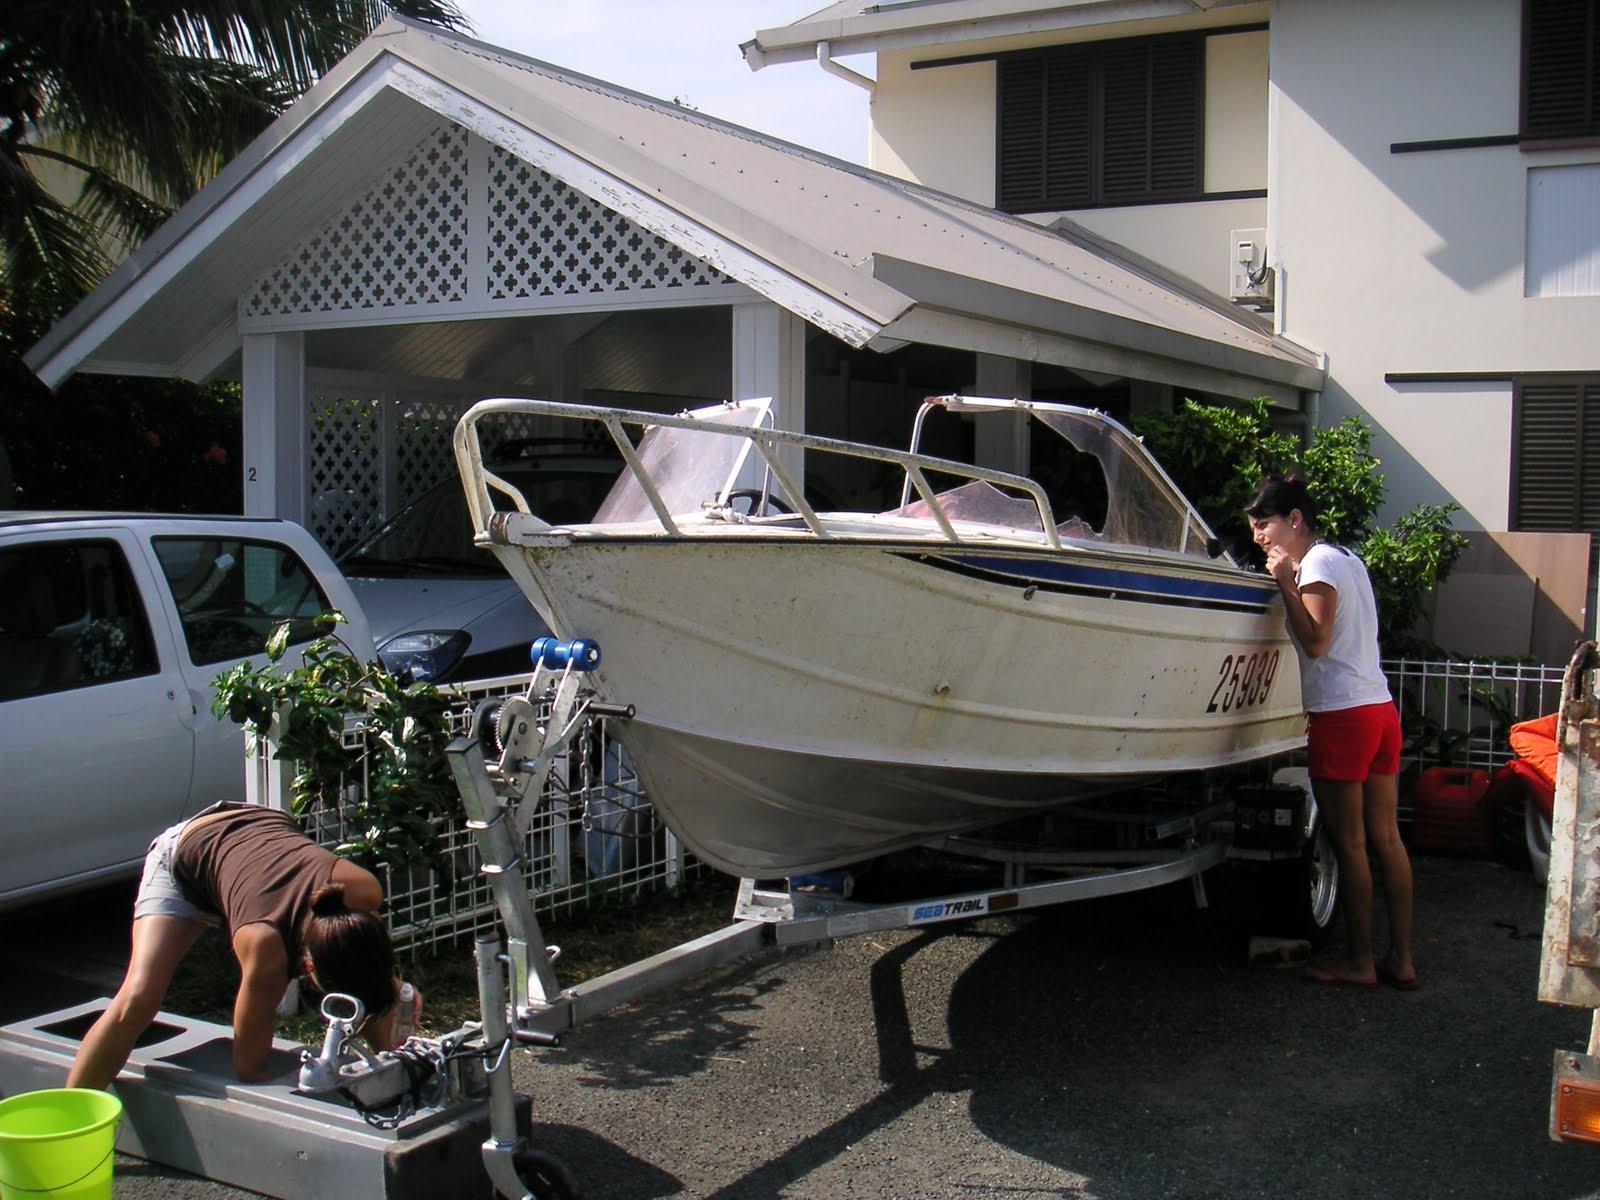 flo tonio l u00e9o en nouvelle cal u00e9donie  l u0026 39 achat du bateau